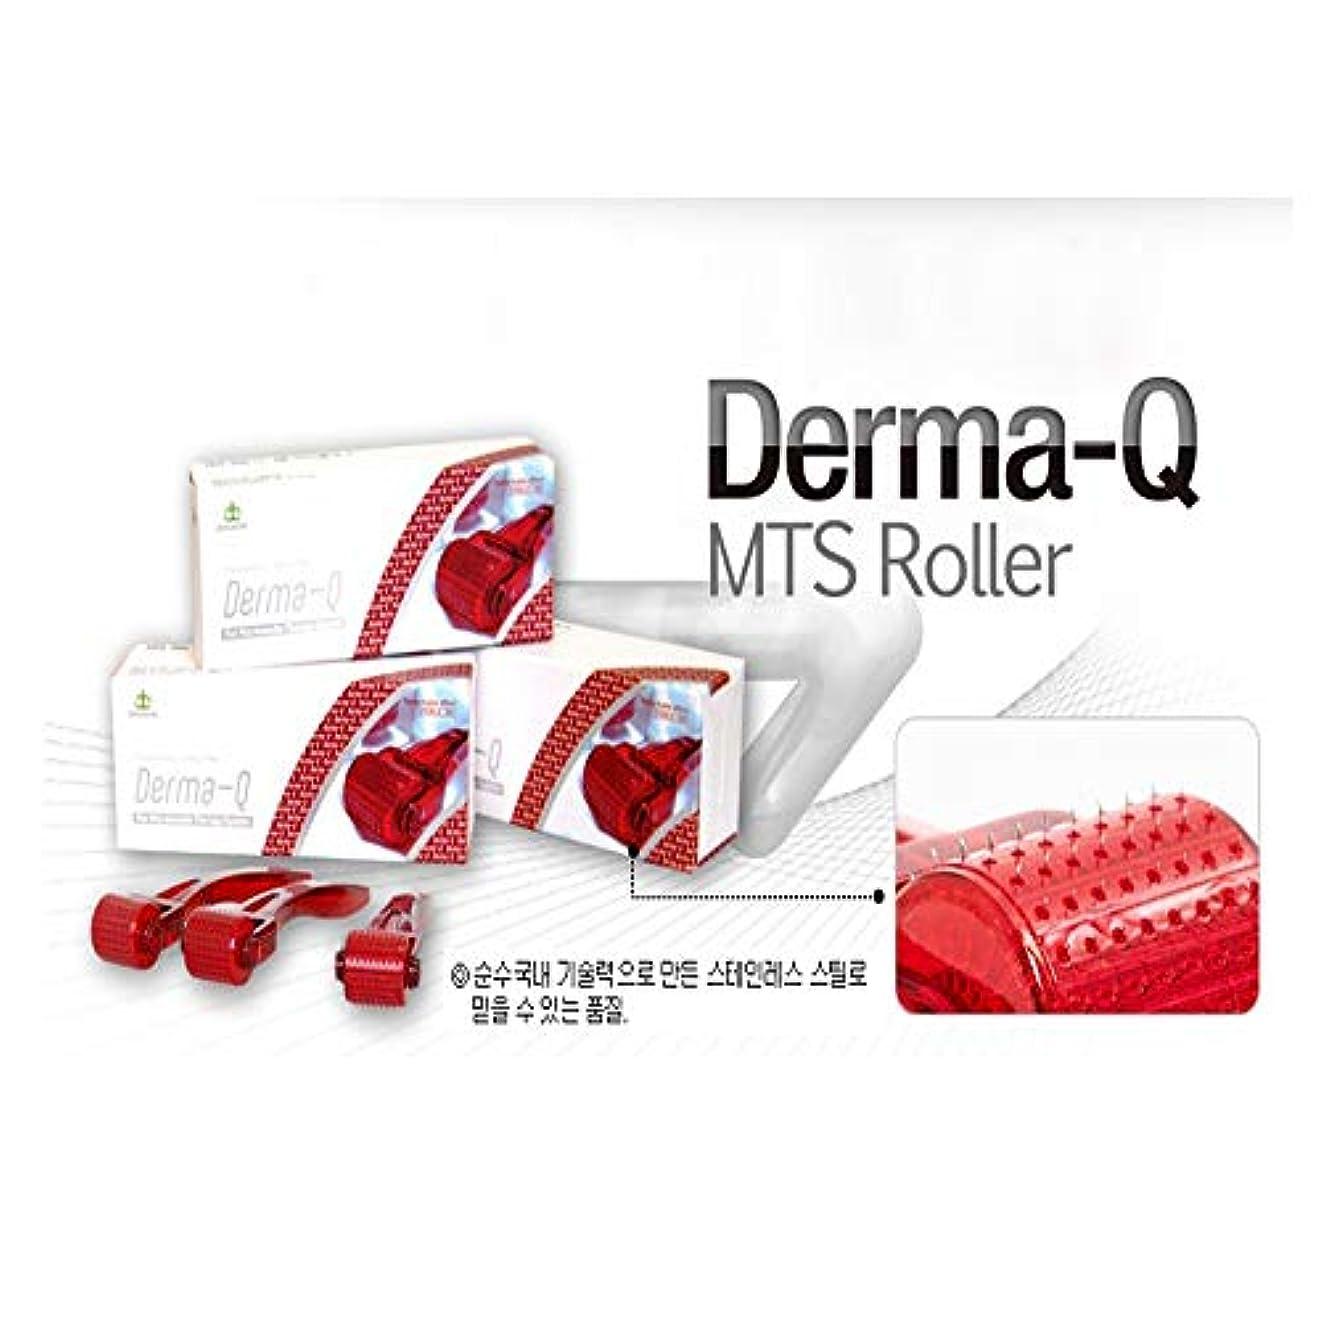 カーペット測定可能ハッピーDong Bang MTS Derma 美肌 ミニ針 治療スキンケアツール - 0.25mm*0.3mm/0.5mm/1.0mm/1.5mm/2.0mm ローラー美顔器 (0.25*0.5mm)